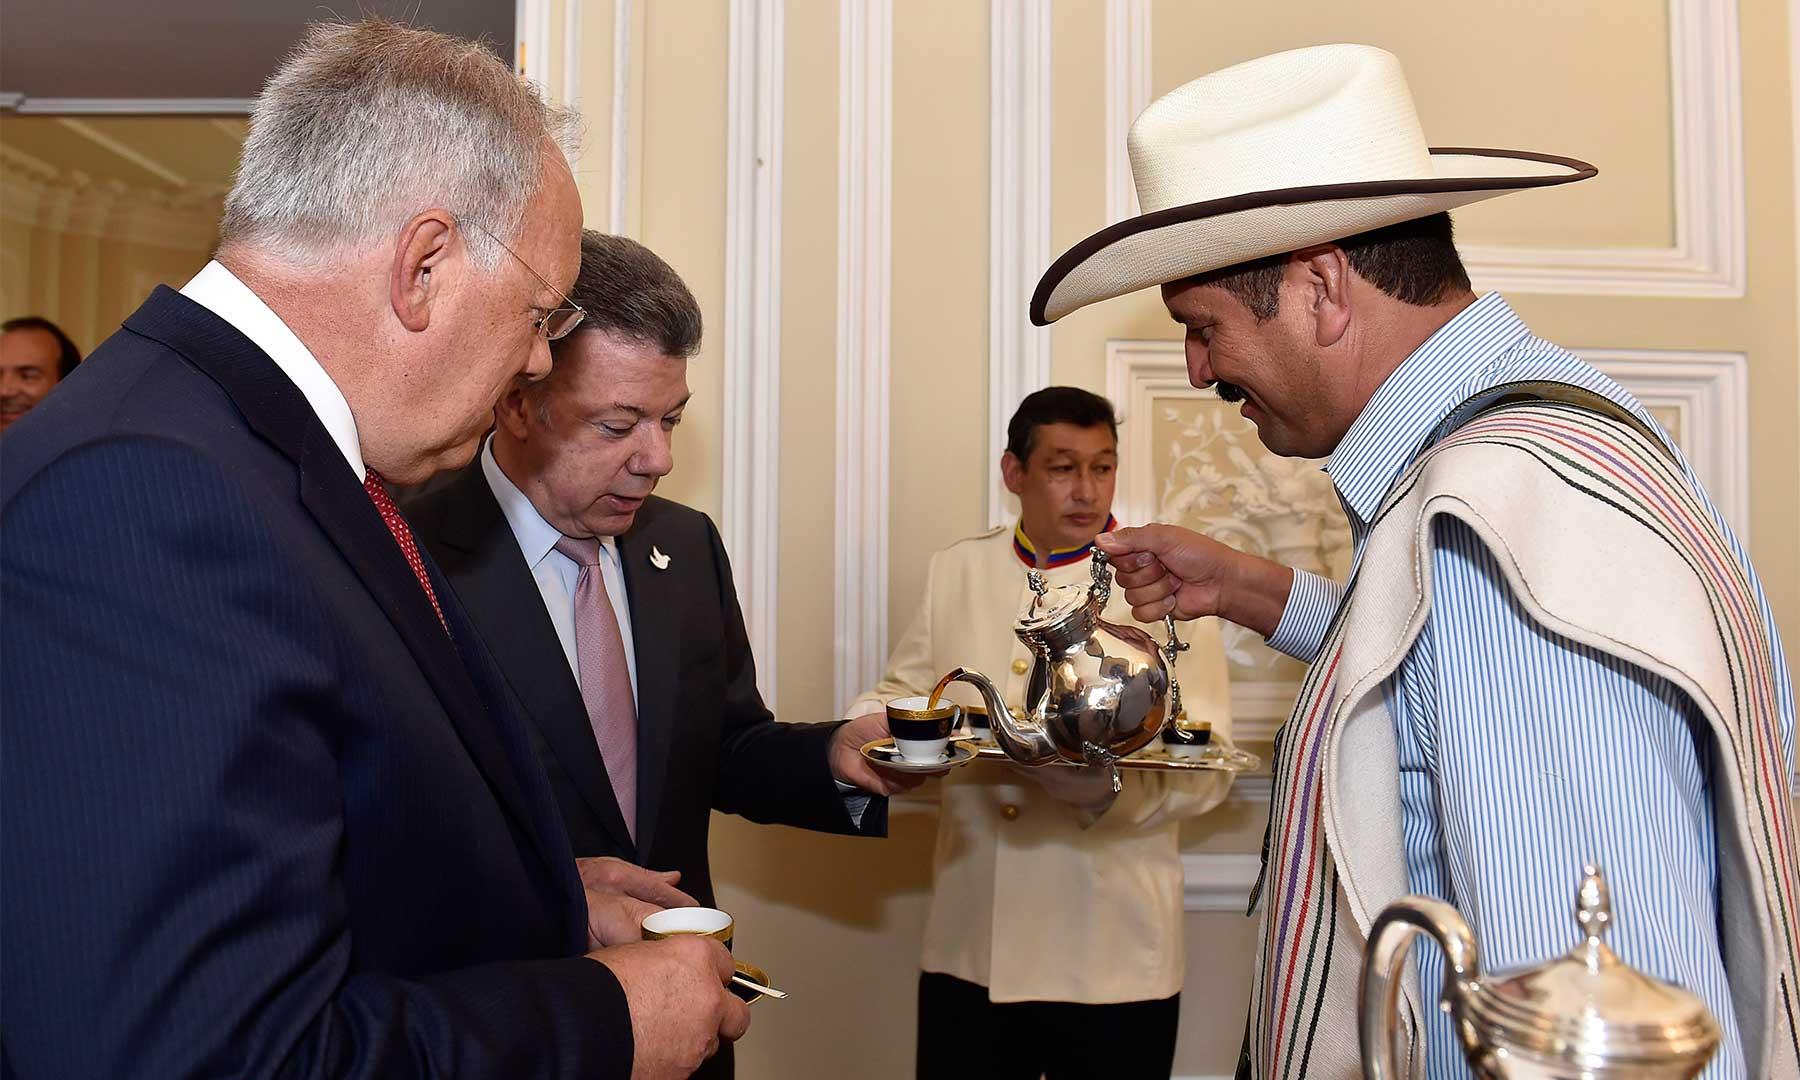 Degustando un buen tinto, el Presidente Santos y su homólogo de Suiza, Johann Schneider-Ammann, conversan sobre el futuro halagüeño que tienen las inversiones suizas en Colombia.